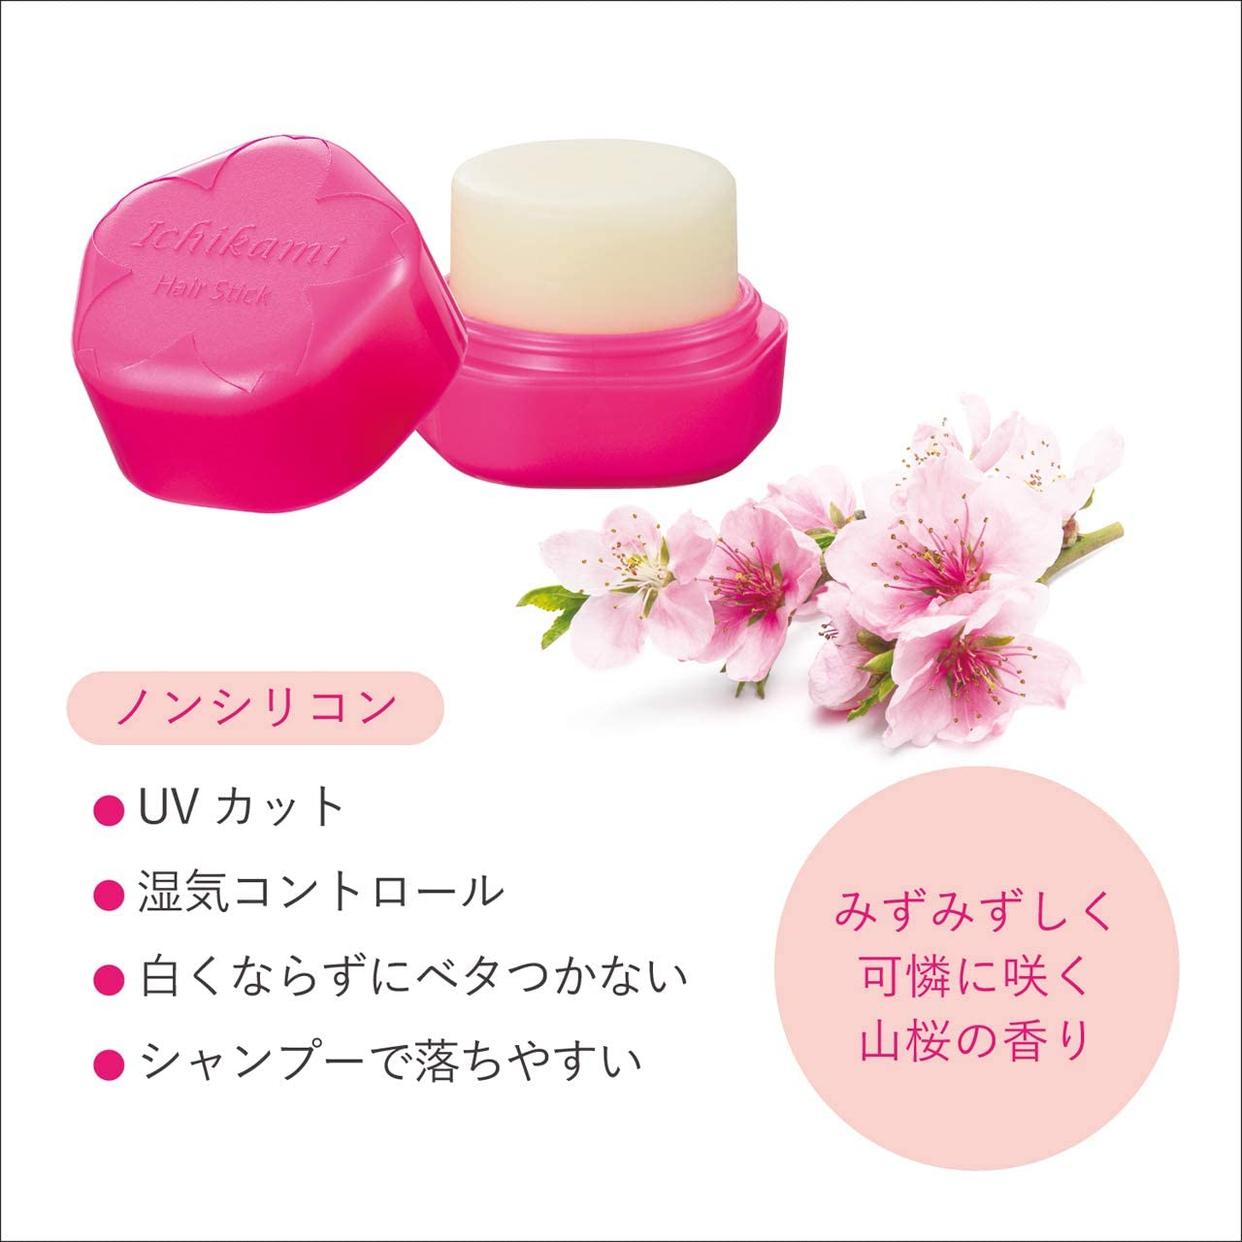 いち髪(ICHIKAMI) ヘアキープ和草スティック(ナチュラル)の商品画像6